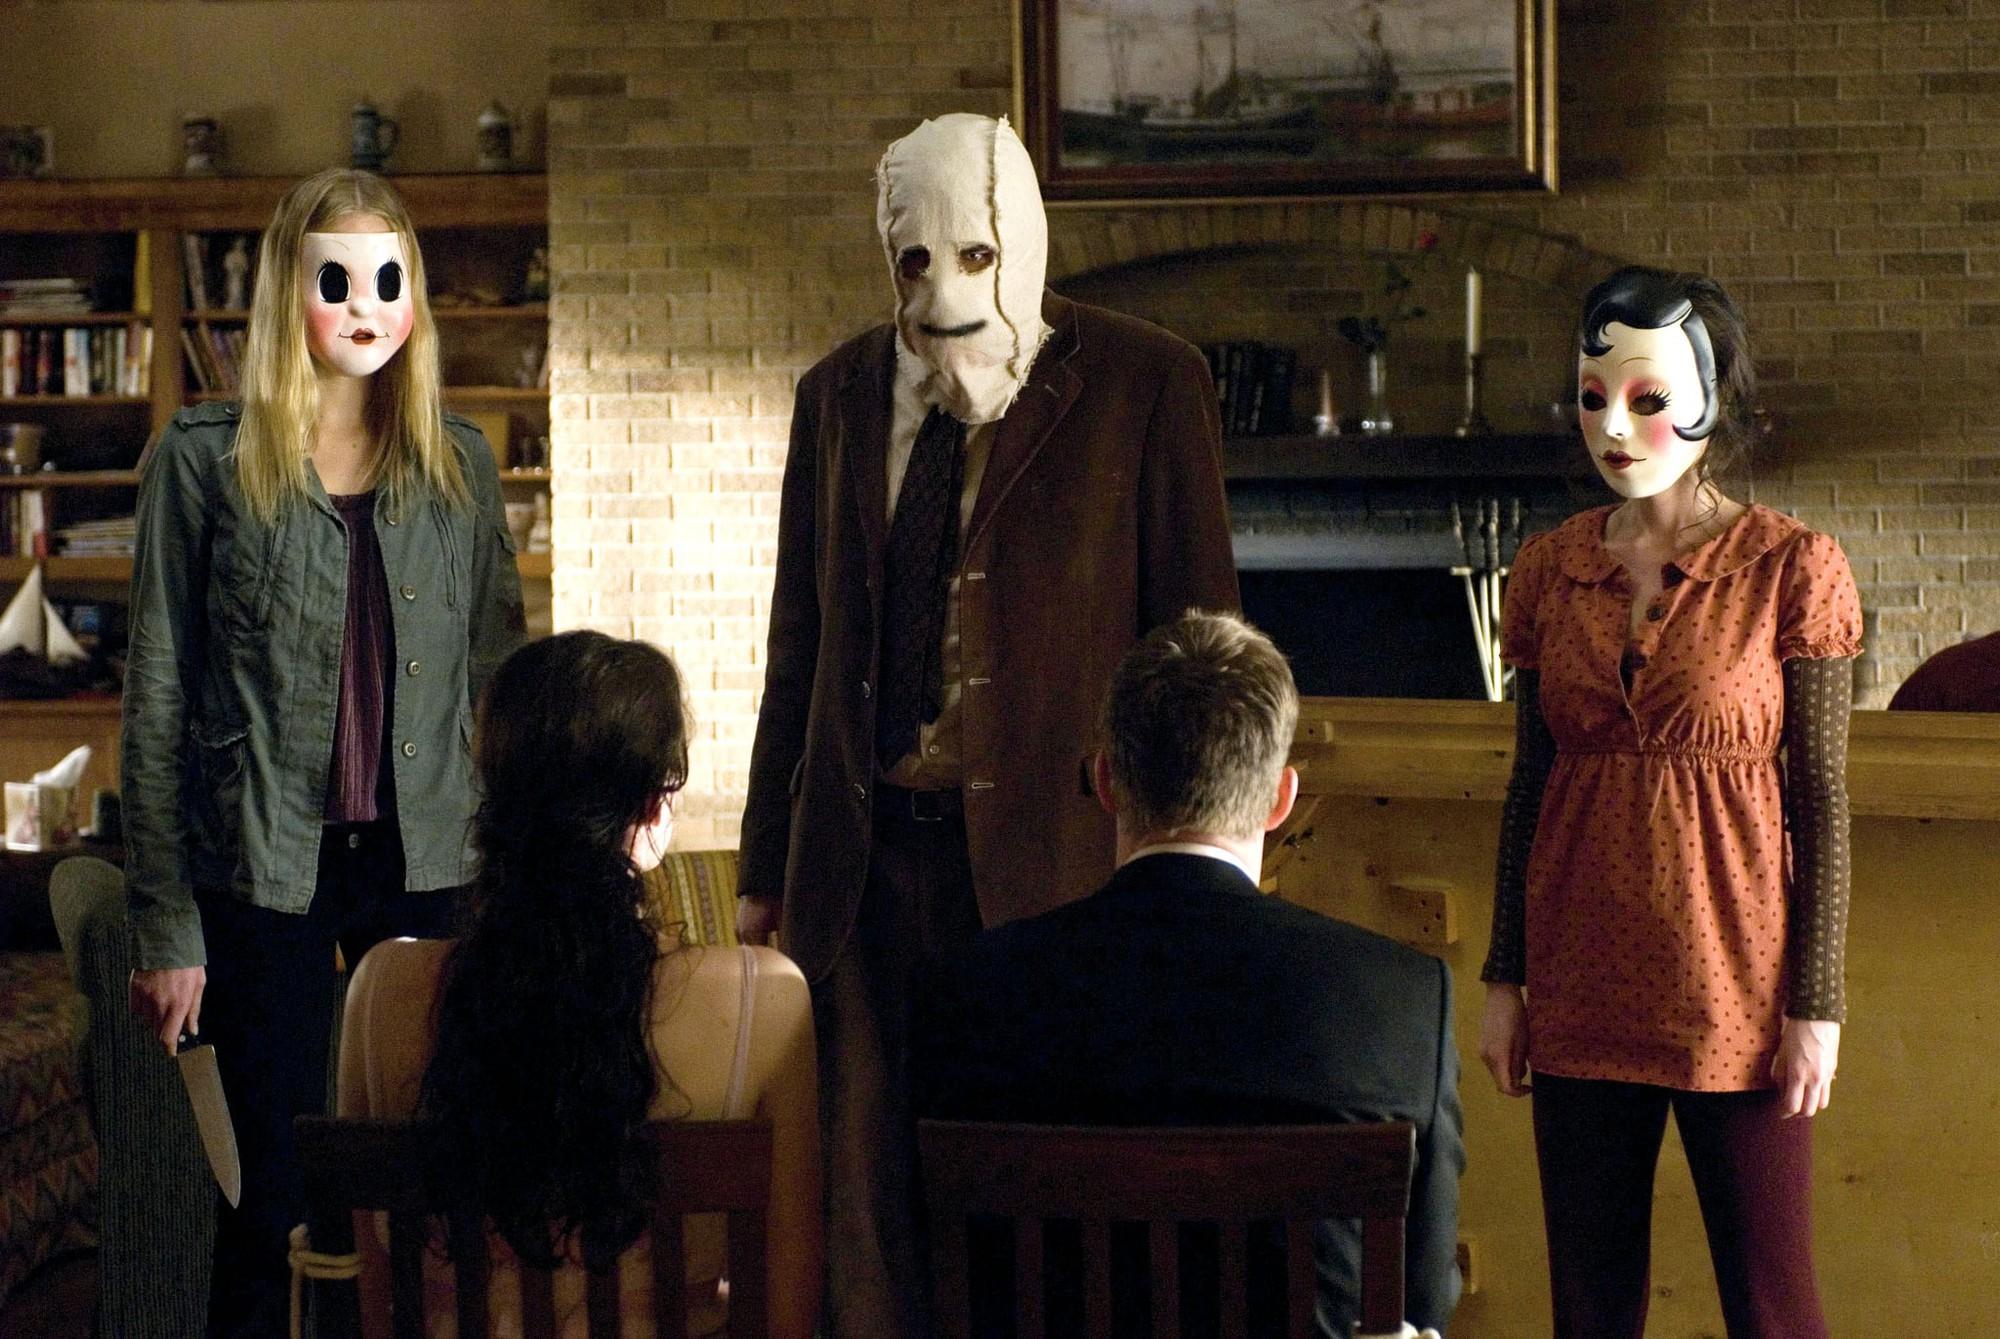 Thủ ngay bí kíp thoát chết trong phim kinh dị qua 7 hành động thiếu muối của các nhân vật chính - Ảnh 1.